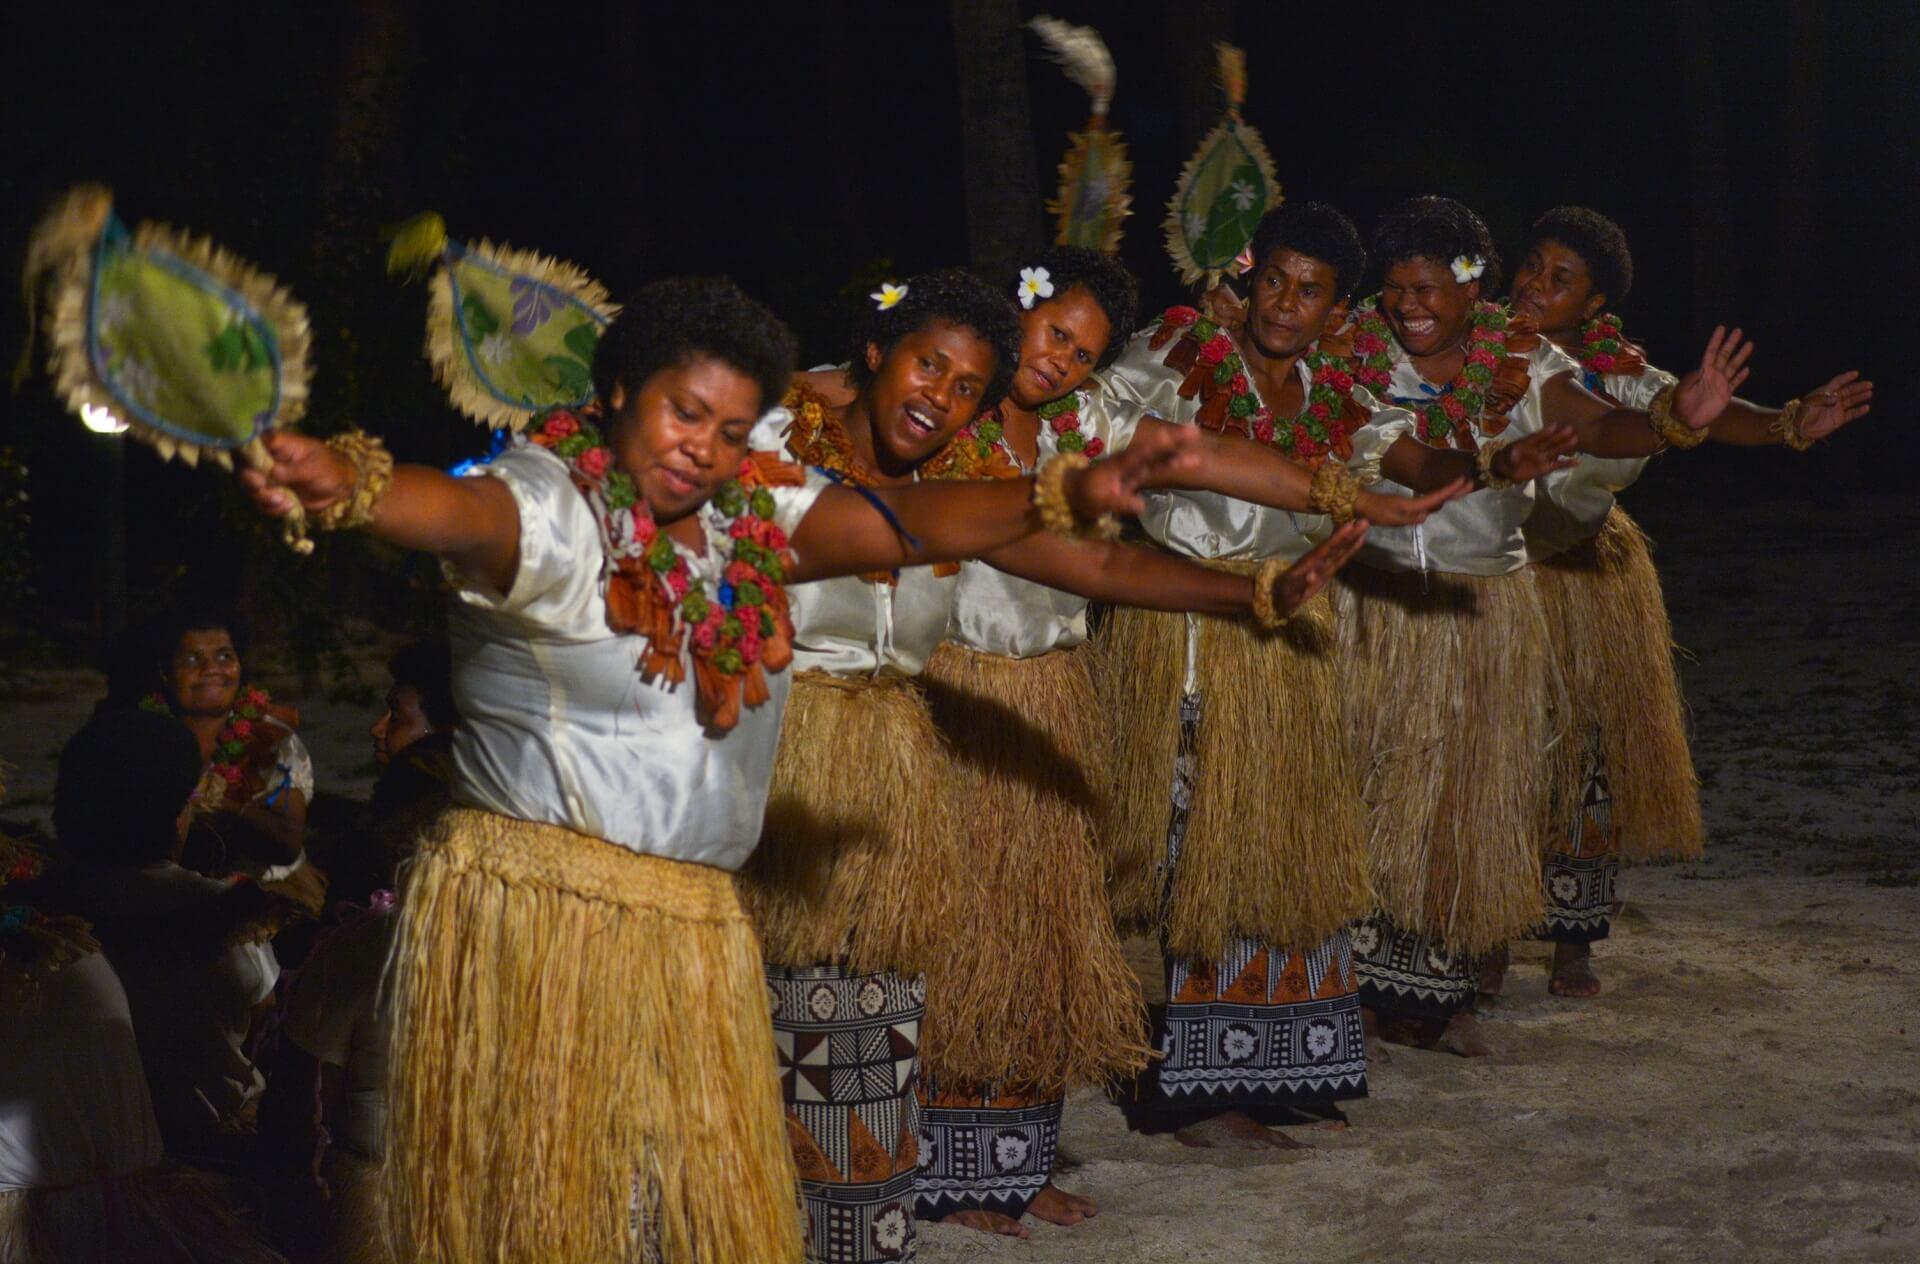 Frauen führen den Meke Tanz auf, ein traditioneller Tanz auf den Fidschi Inseln